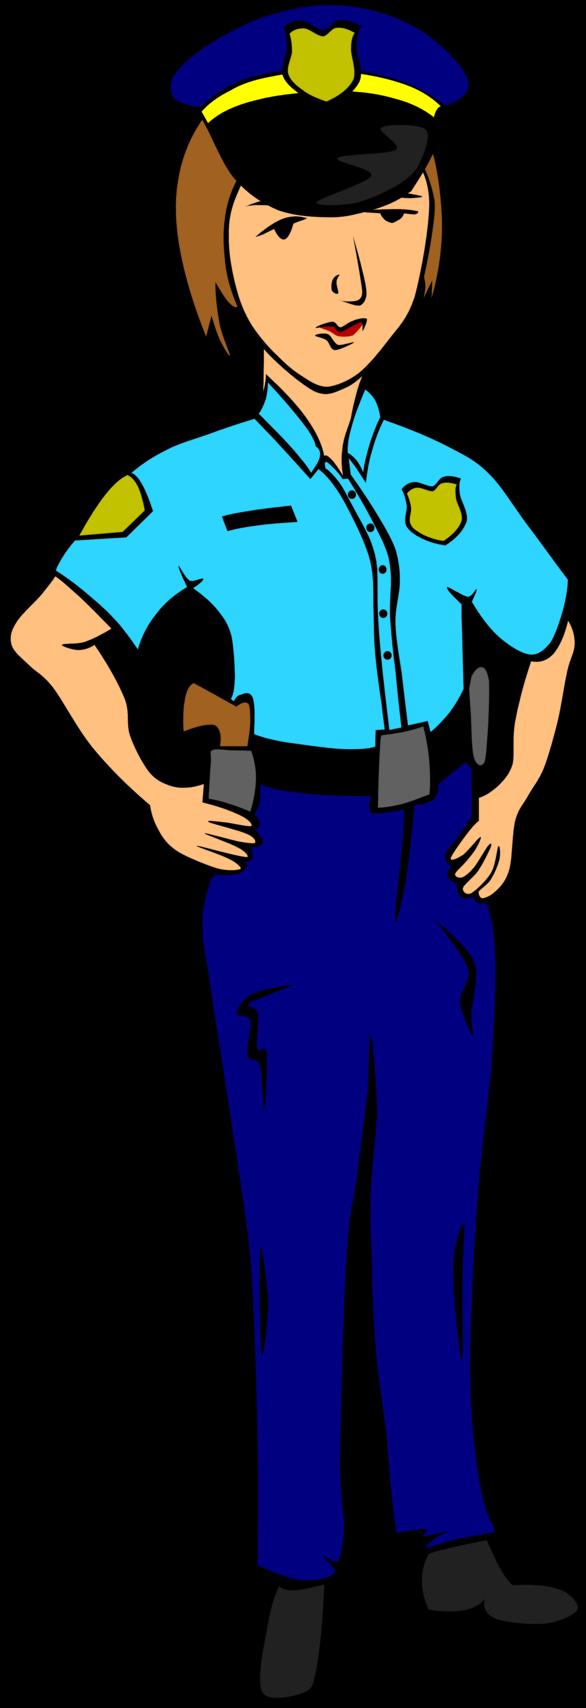 Police Clip Art